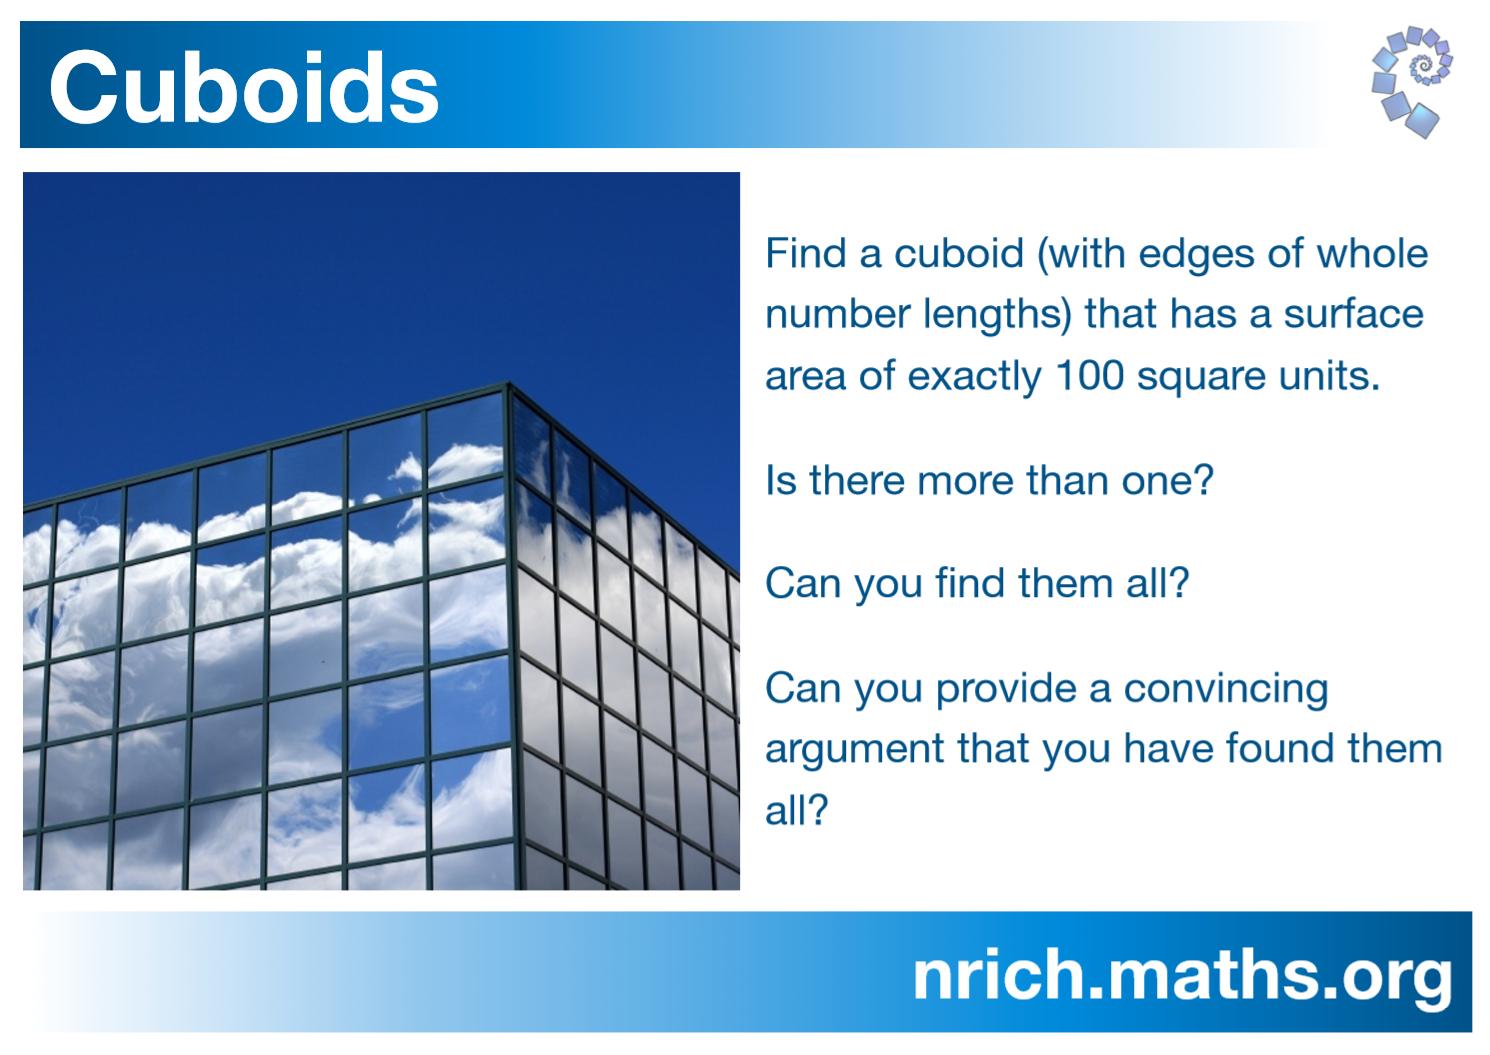 Cuboids Poster : nrich.maths.org